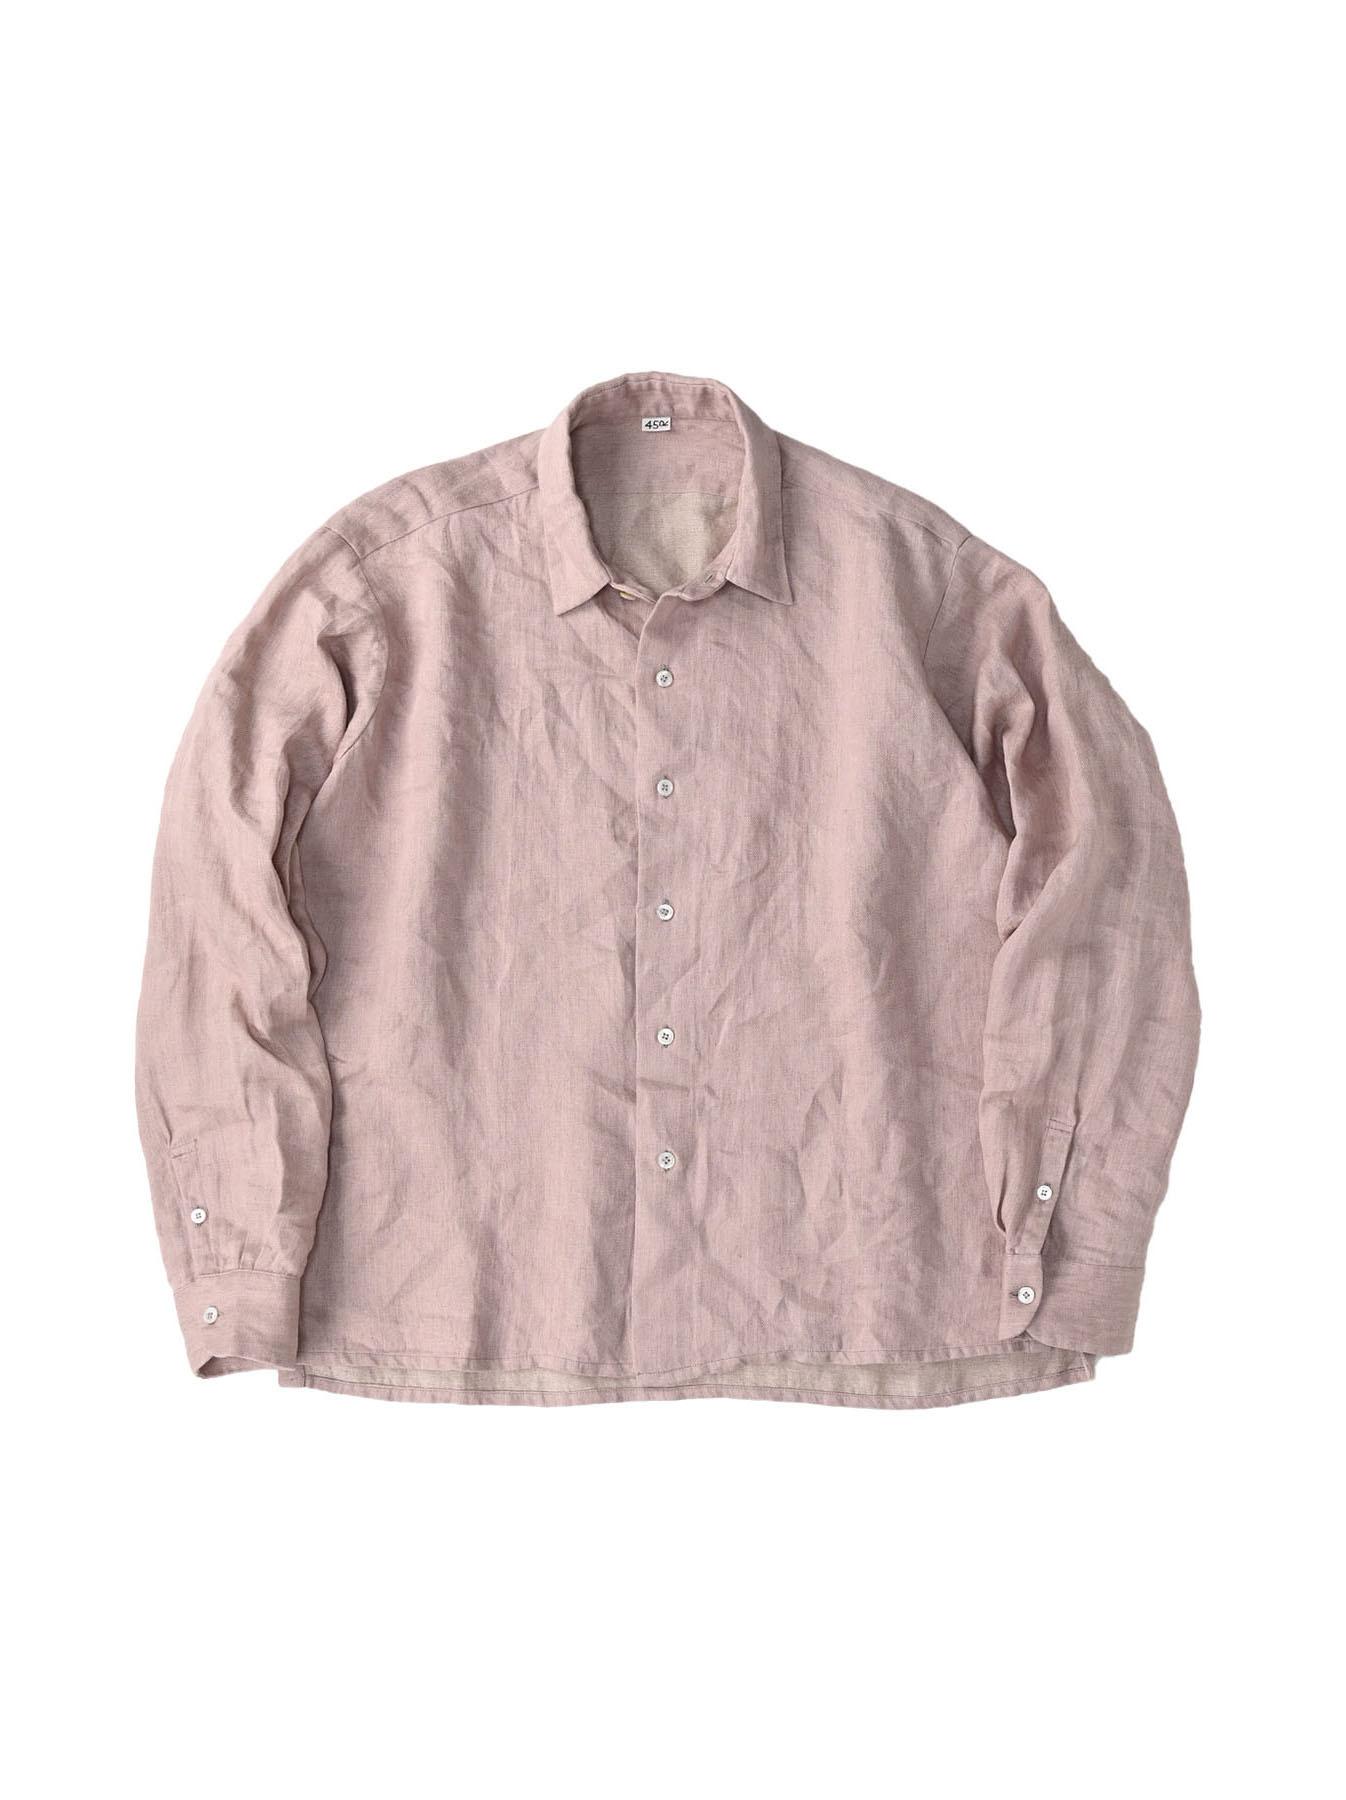 Indian Linen Twill 908 Shirt (0621)-10